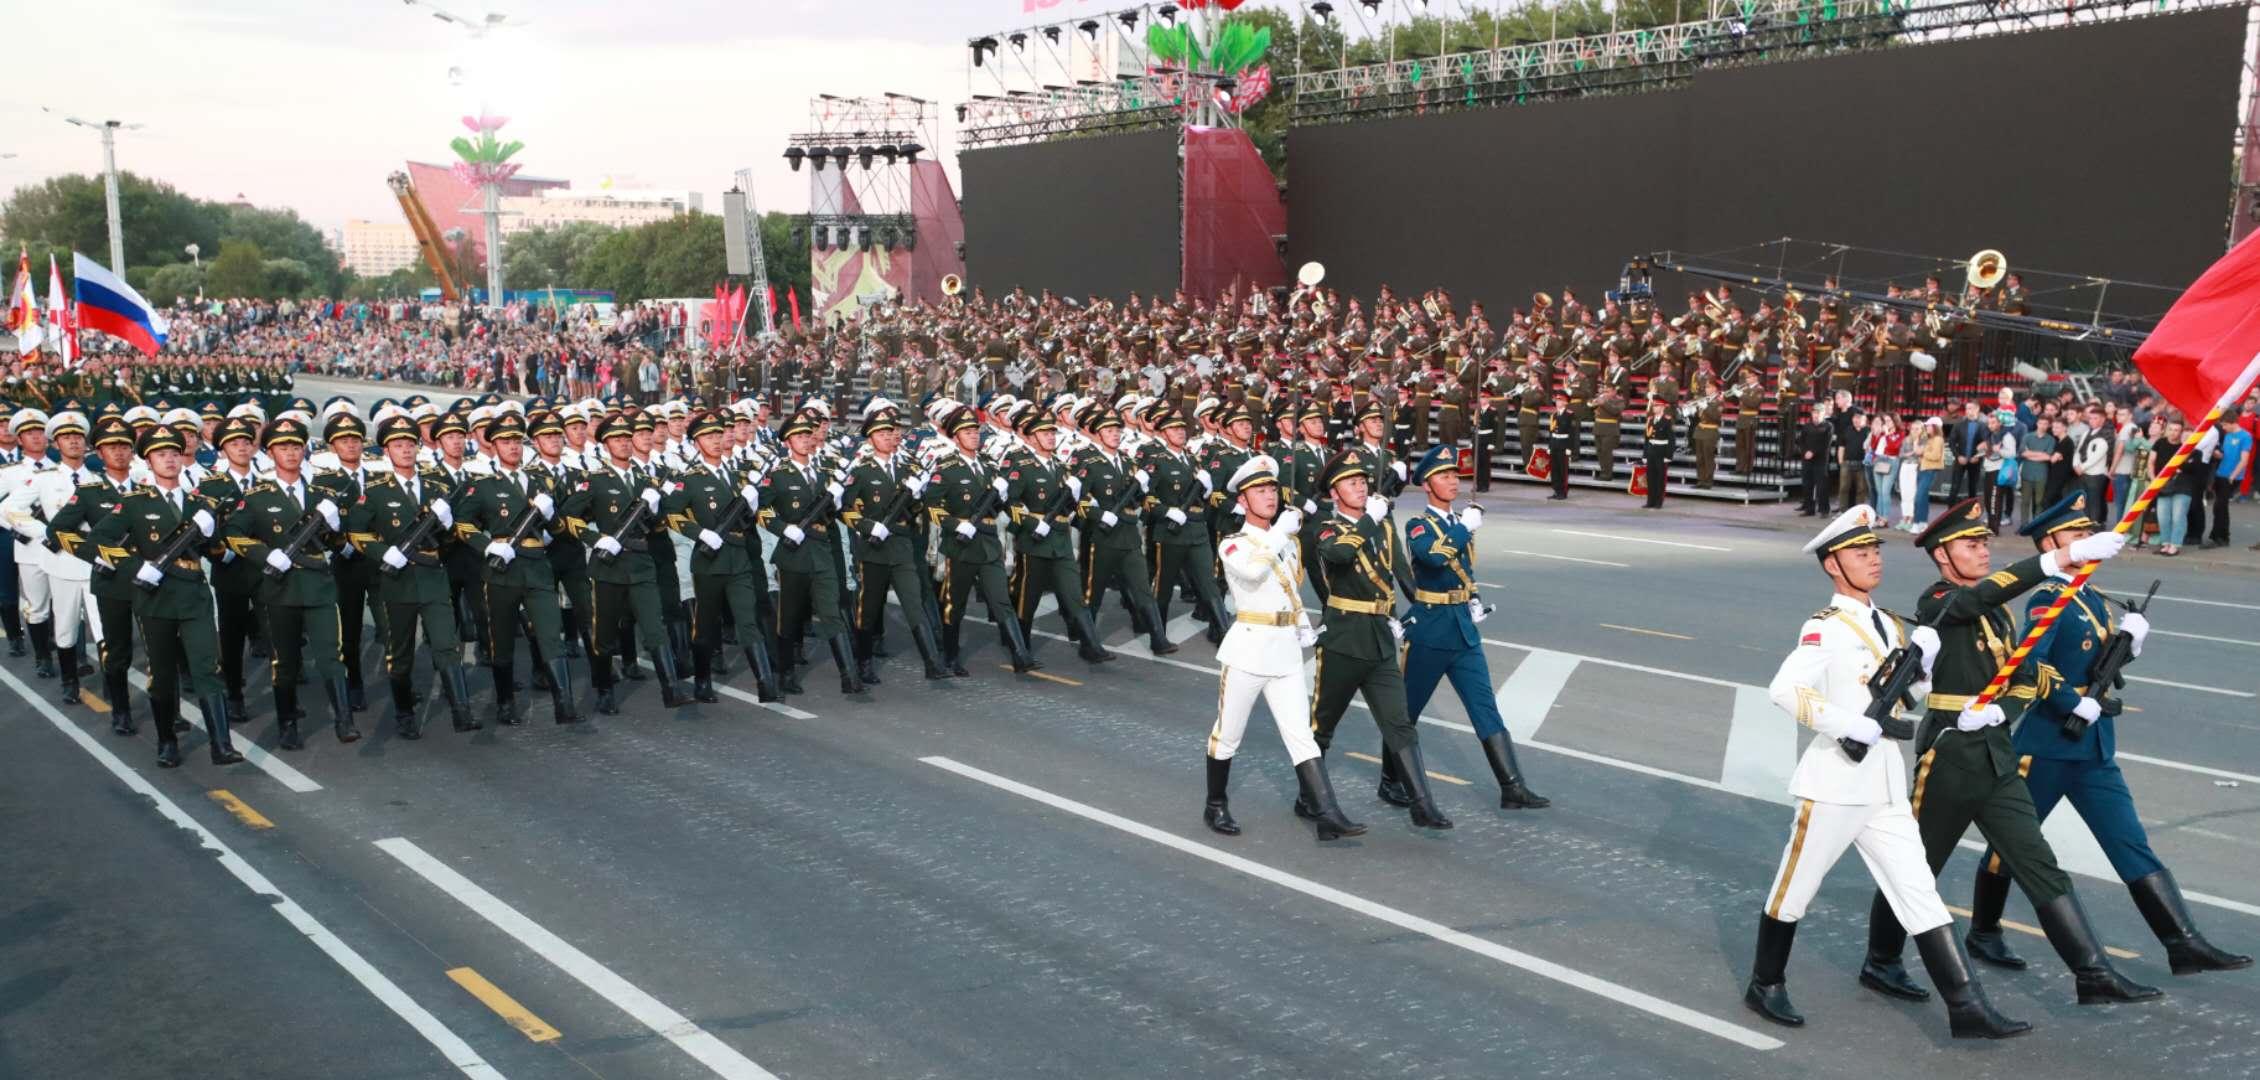 解放军仪仗大队将再度亮相白俄罗斯阅兵式